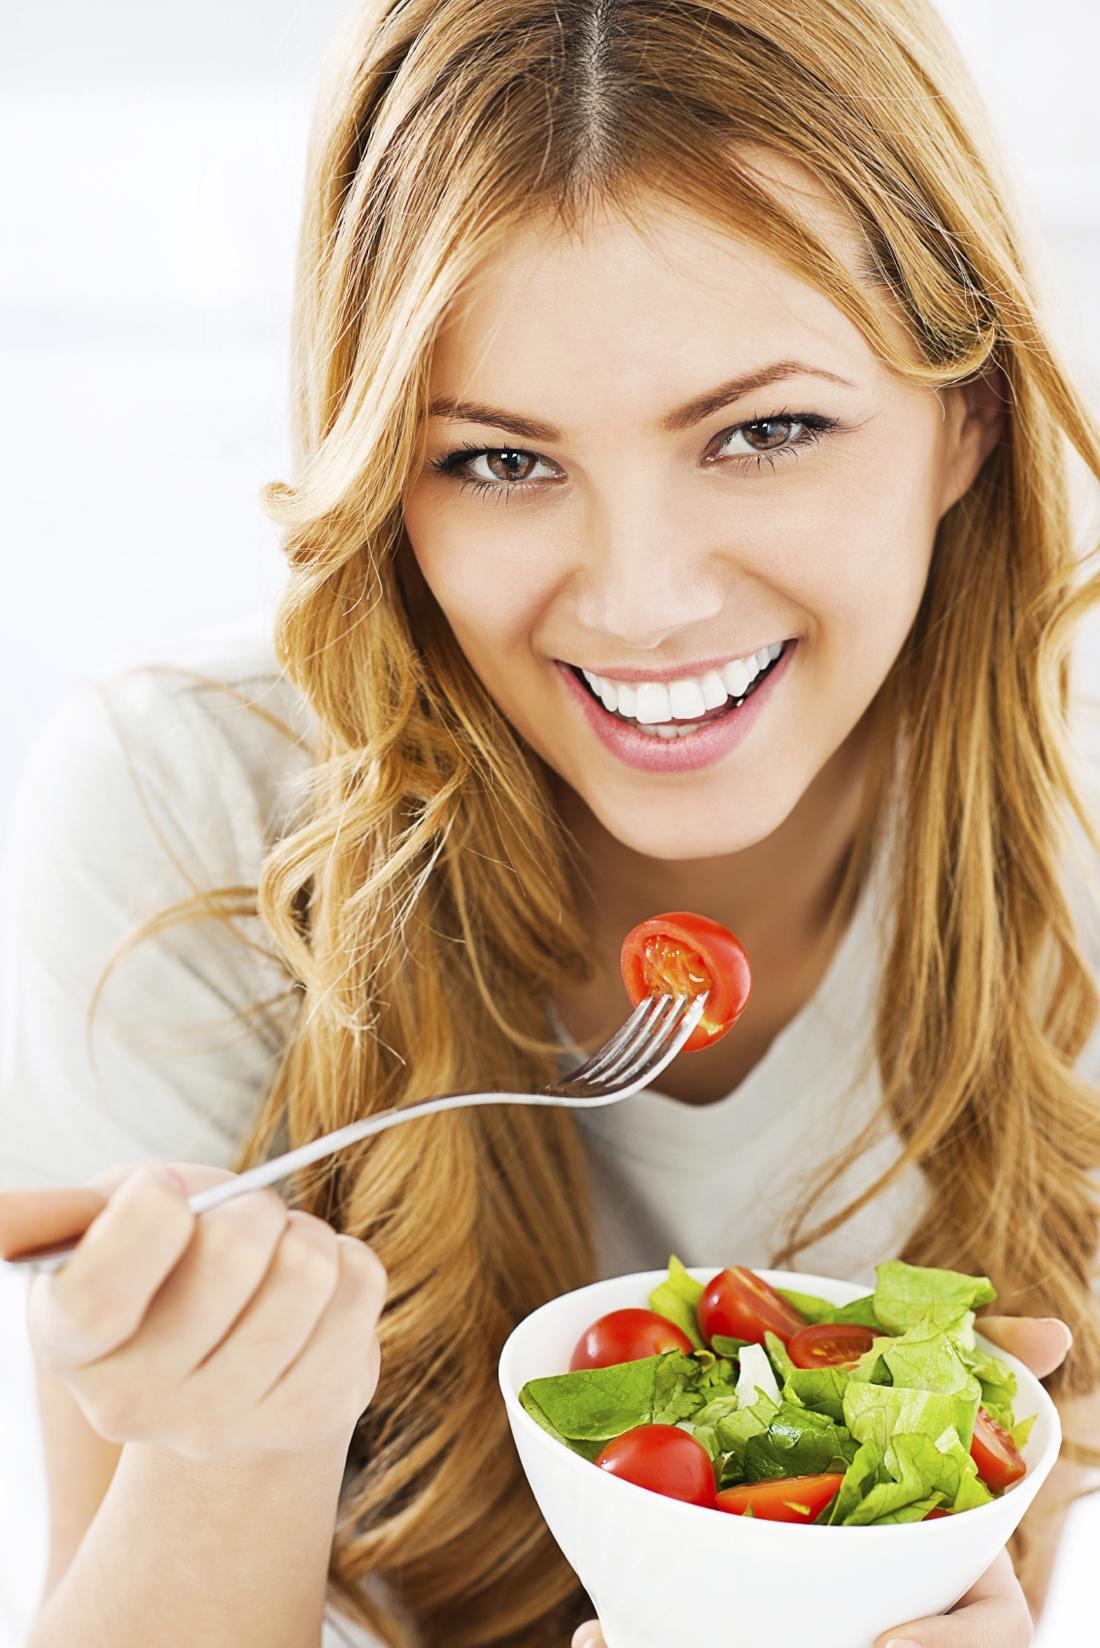 Top 5 Food Women Should Eat